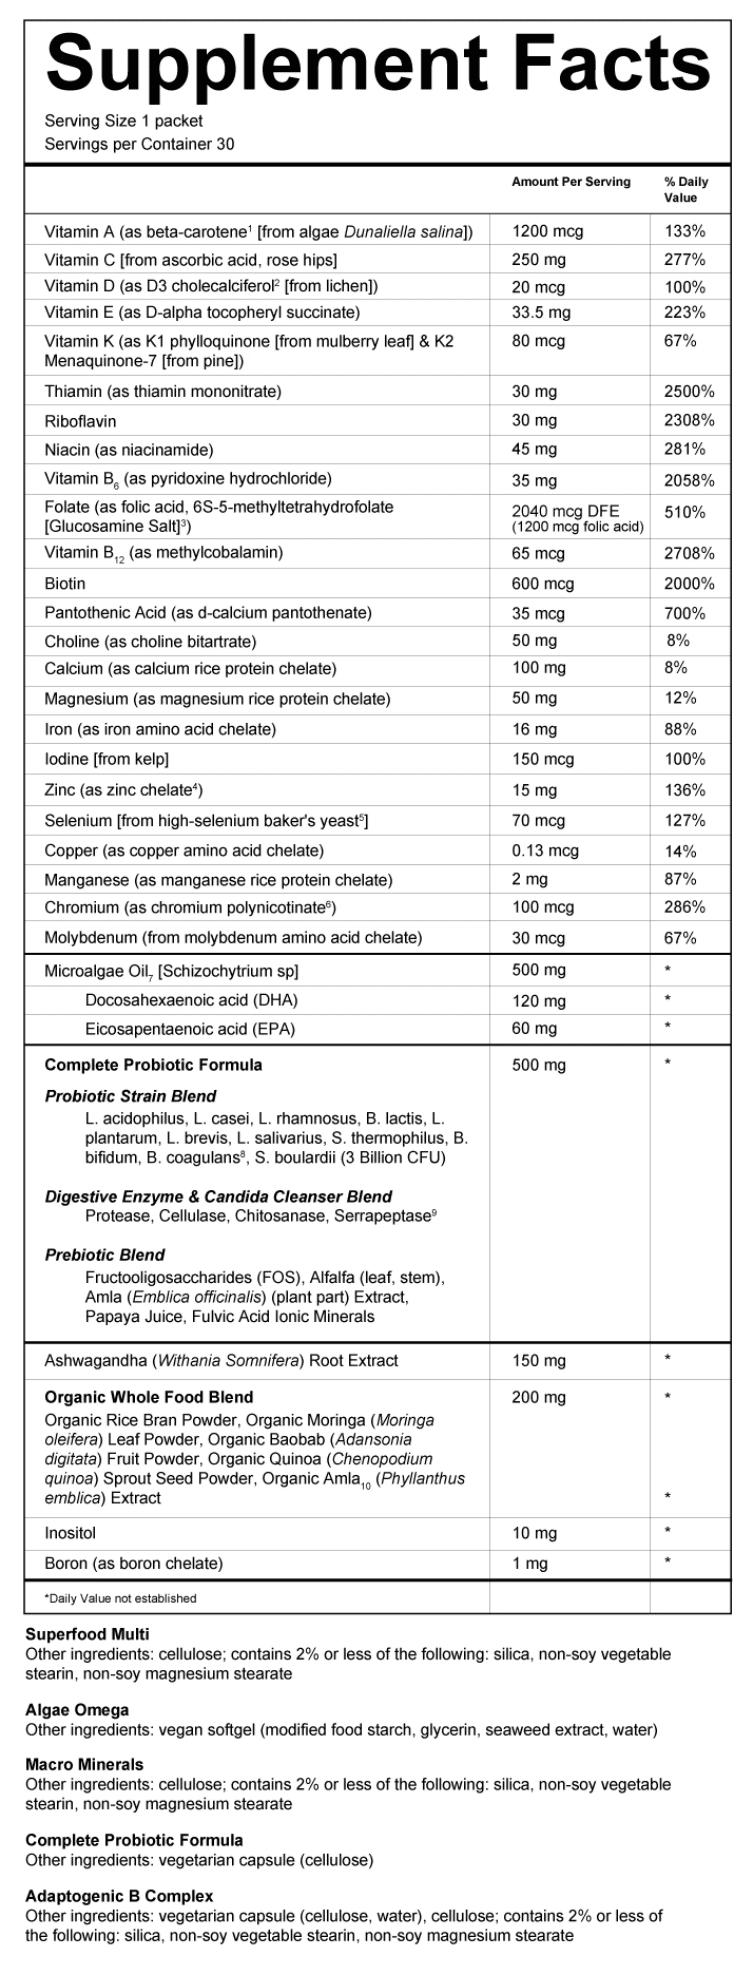 Sakara Vitamins